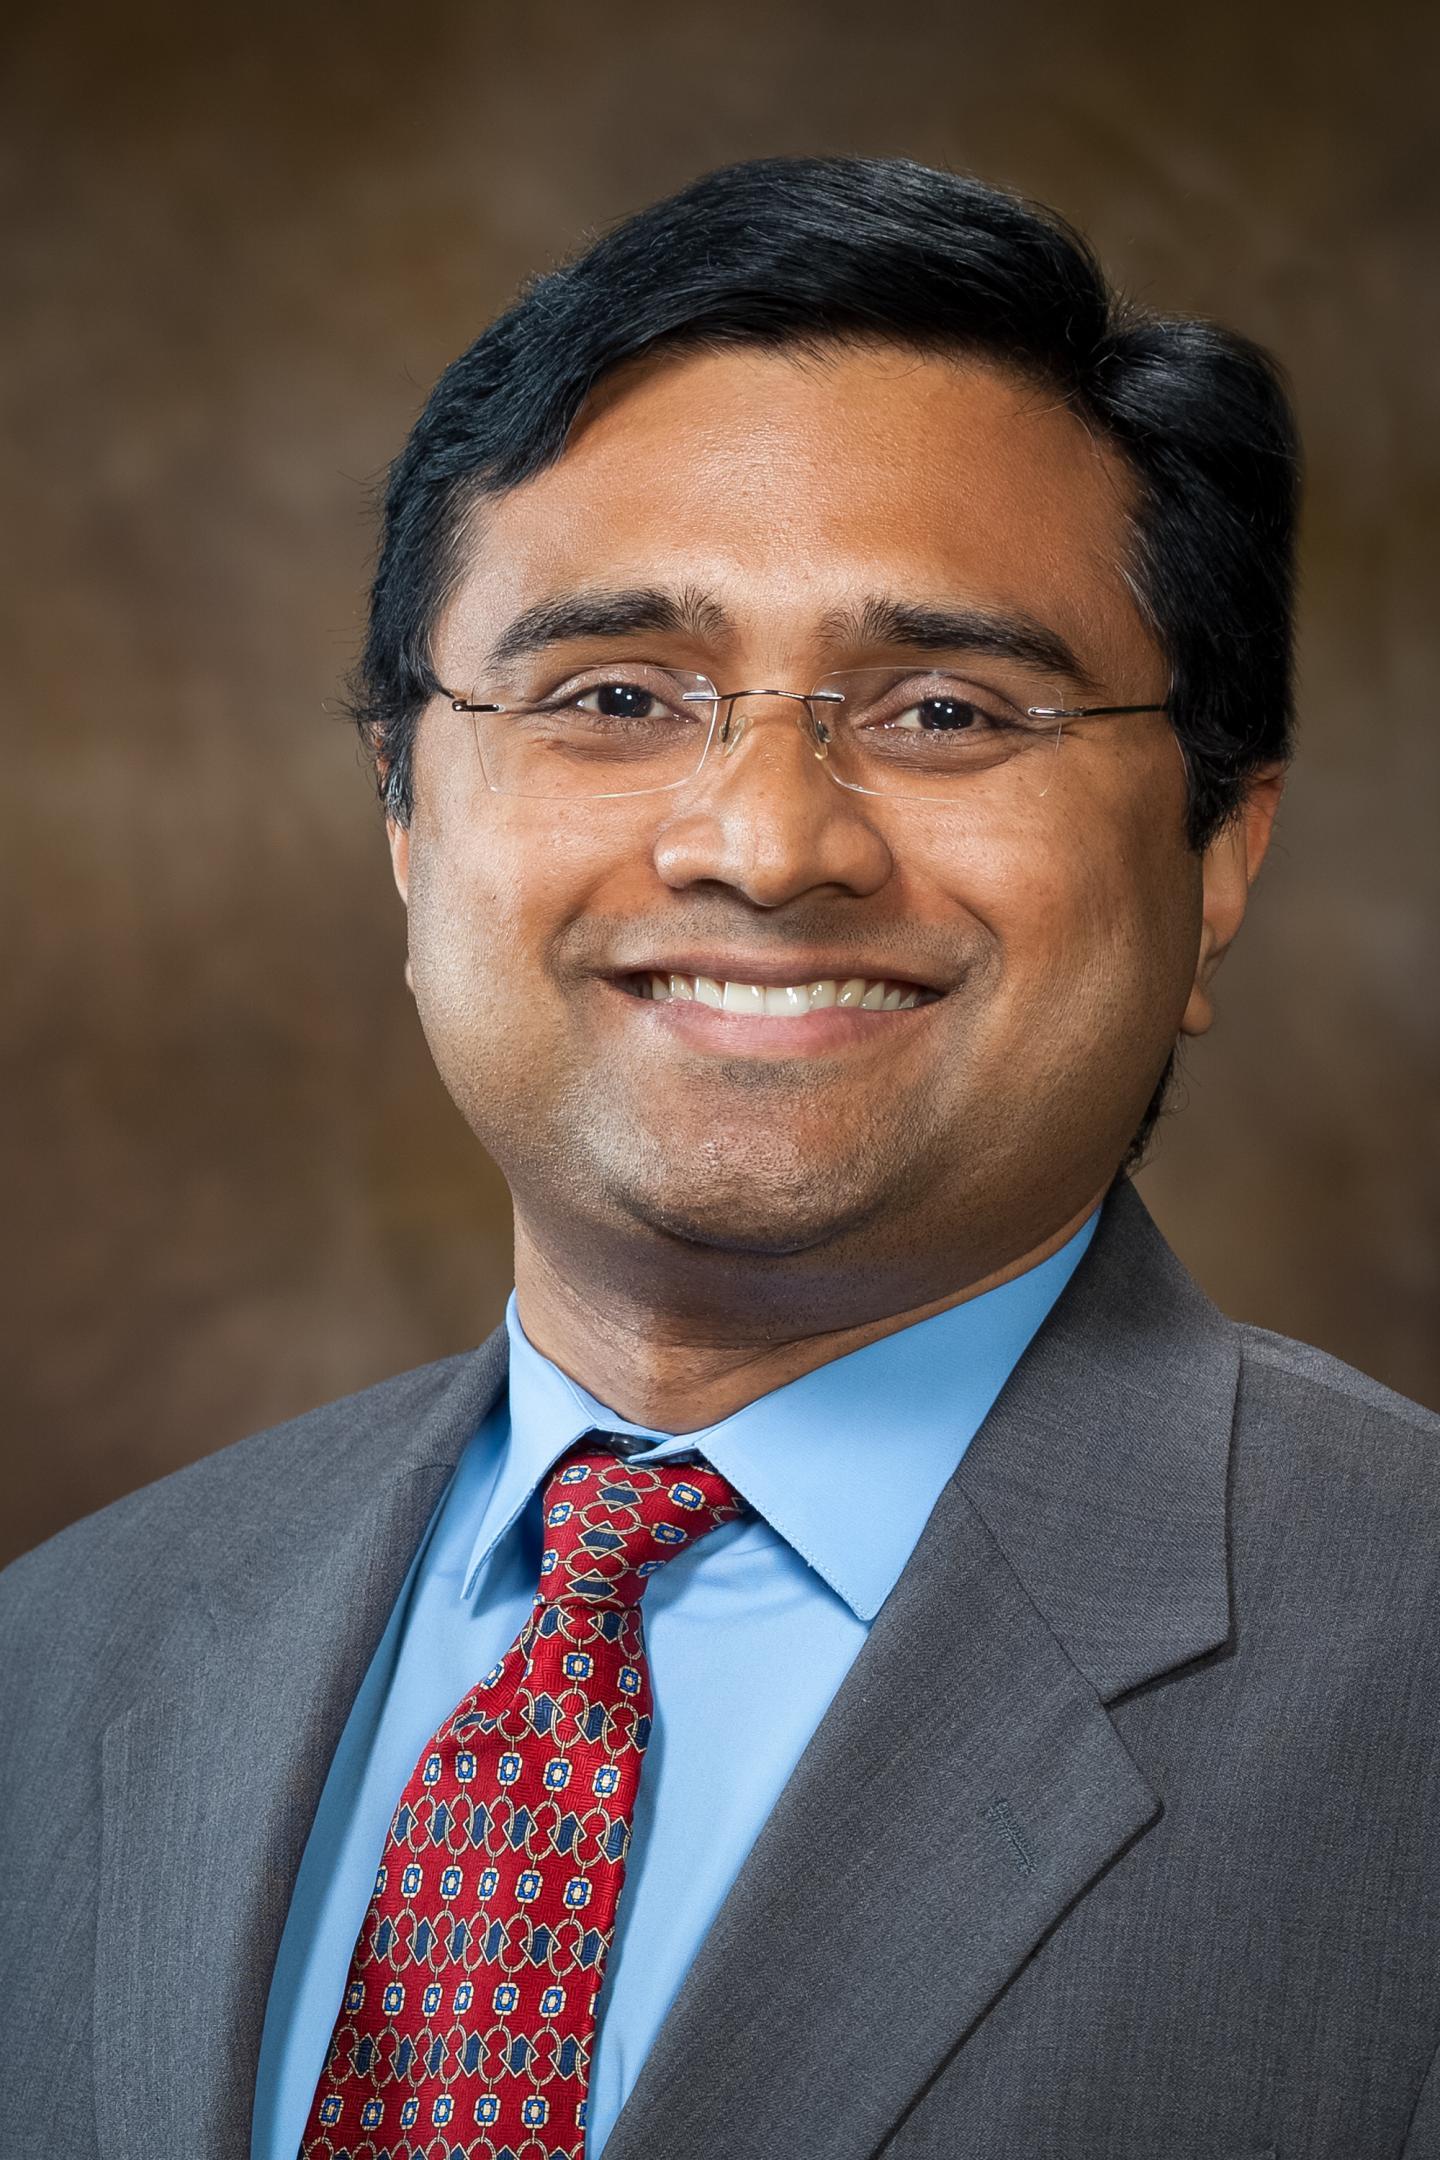 Arun Nair, University of Arkansas